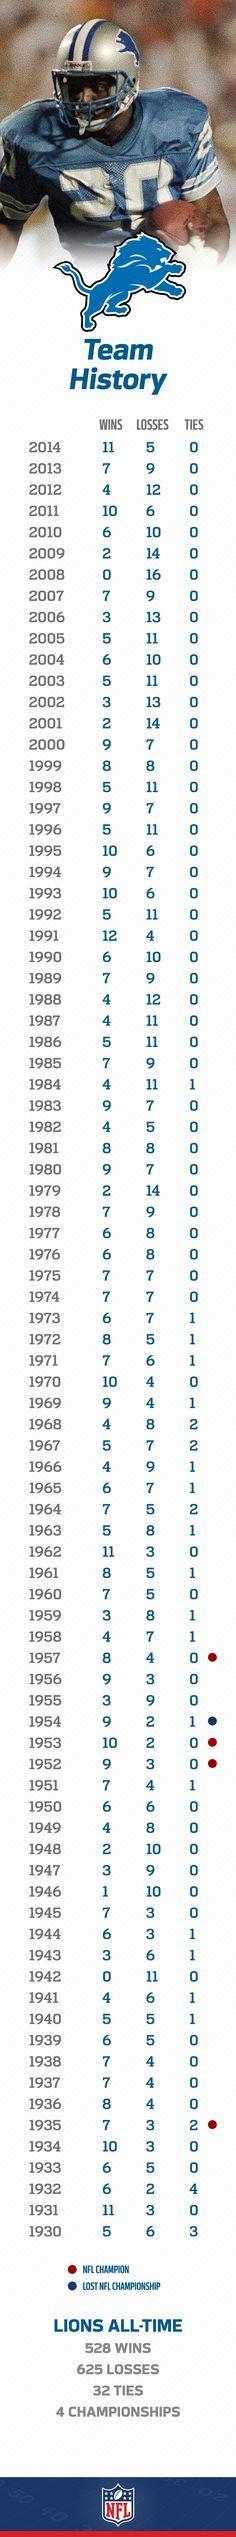 Cheap NFL Jerseys Wholesale - Barry Sanders, Detroit Lions RB #20 | Detroit Lions History ...